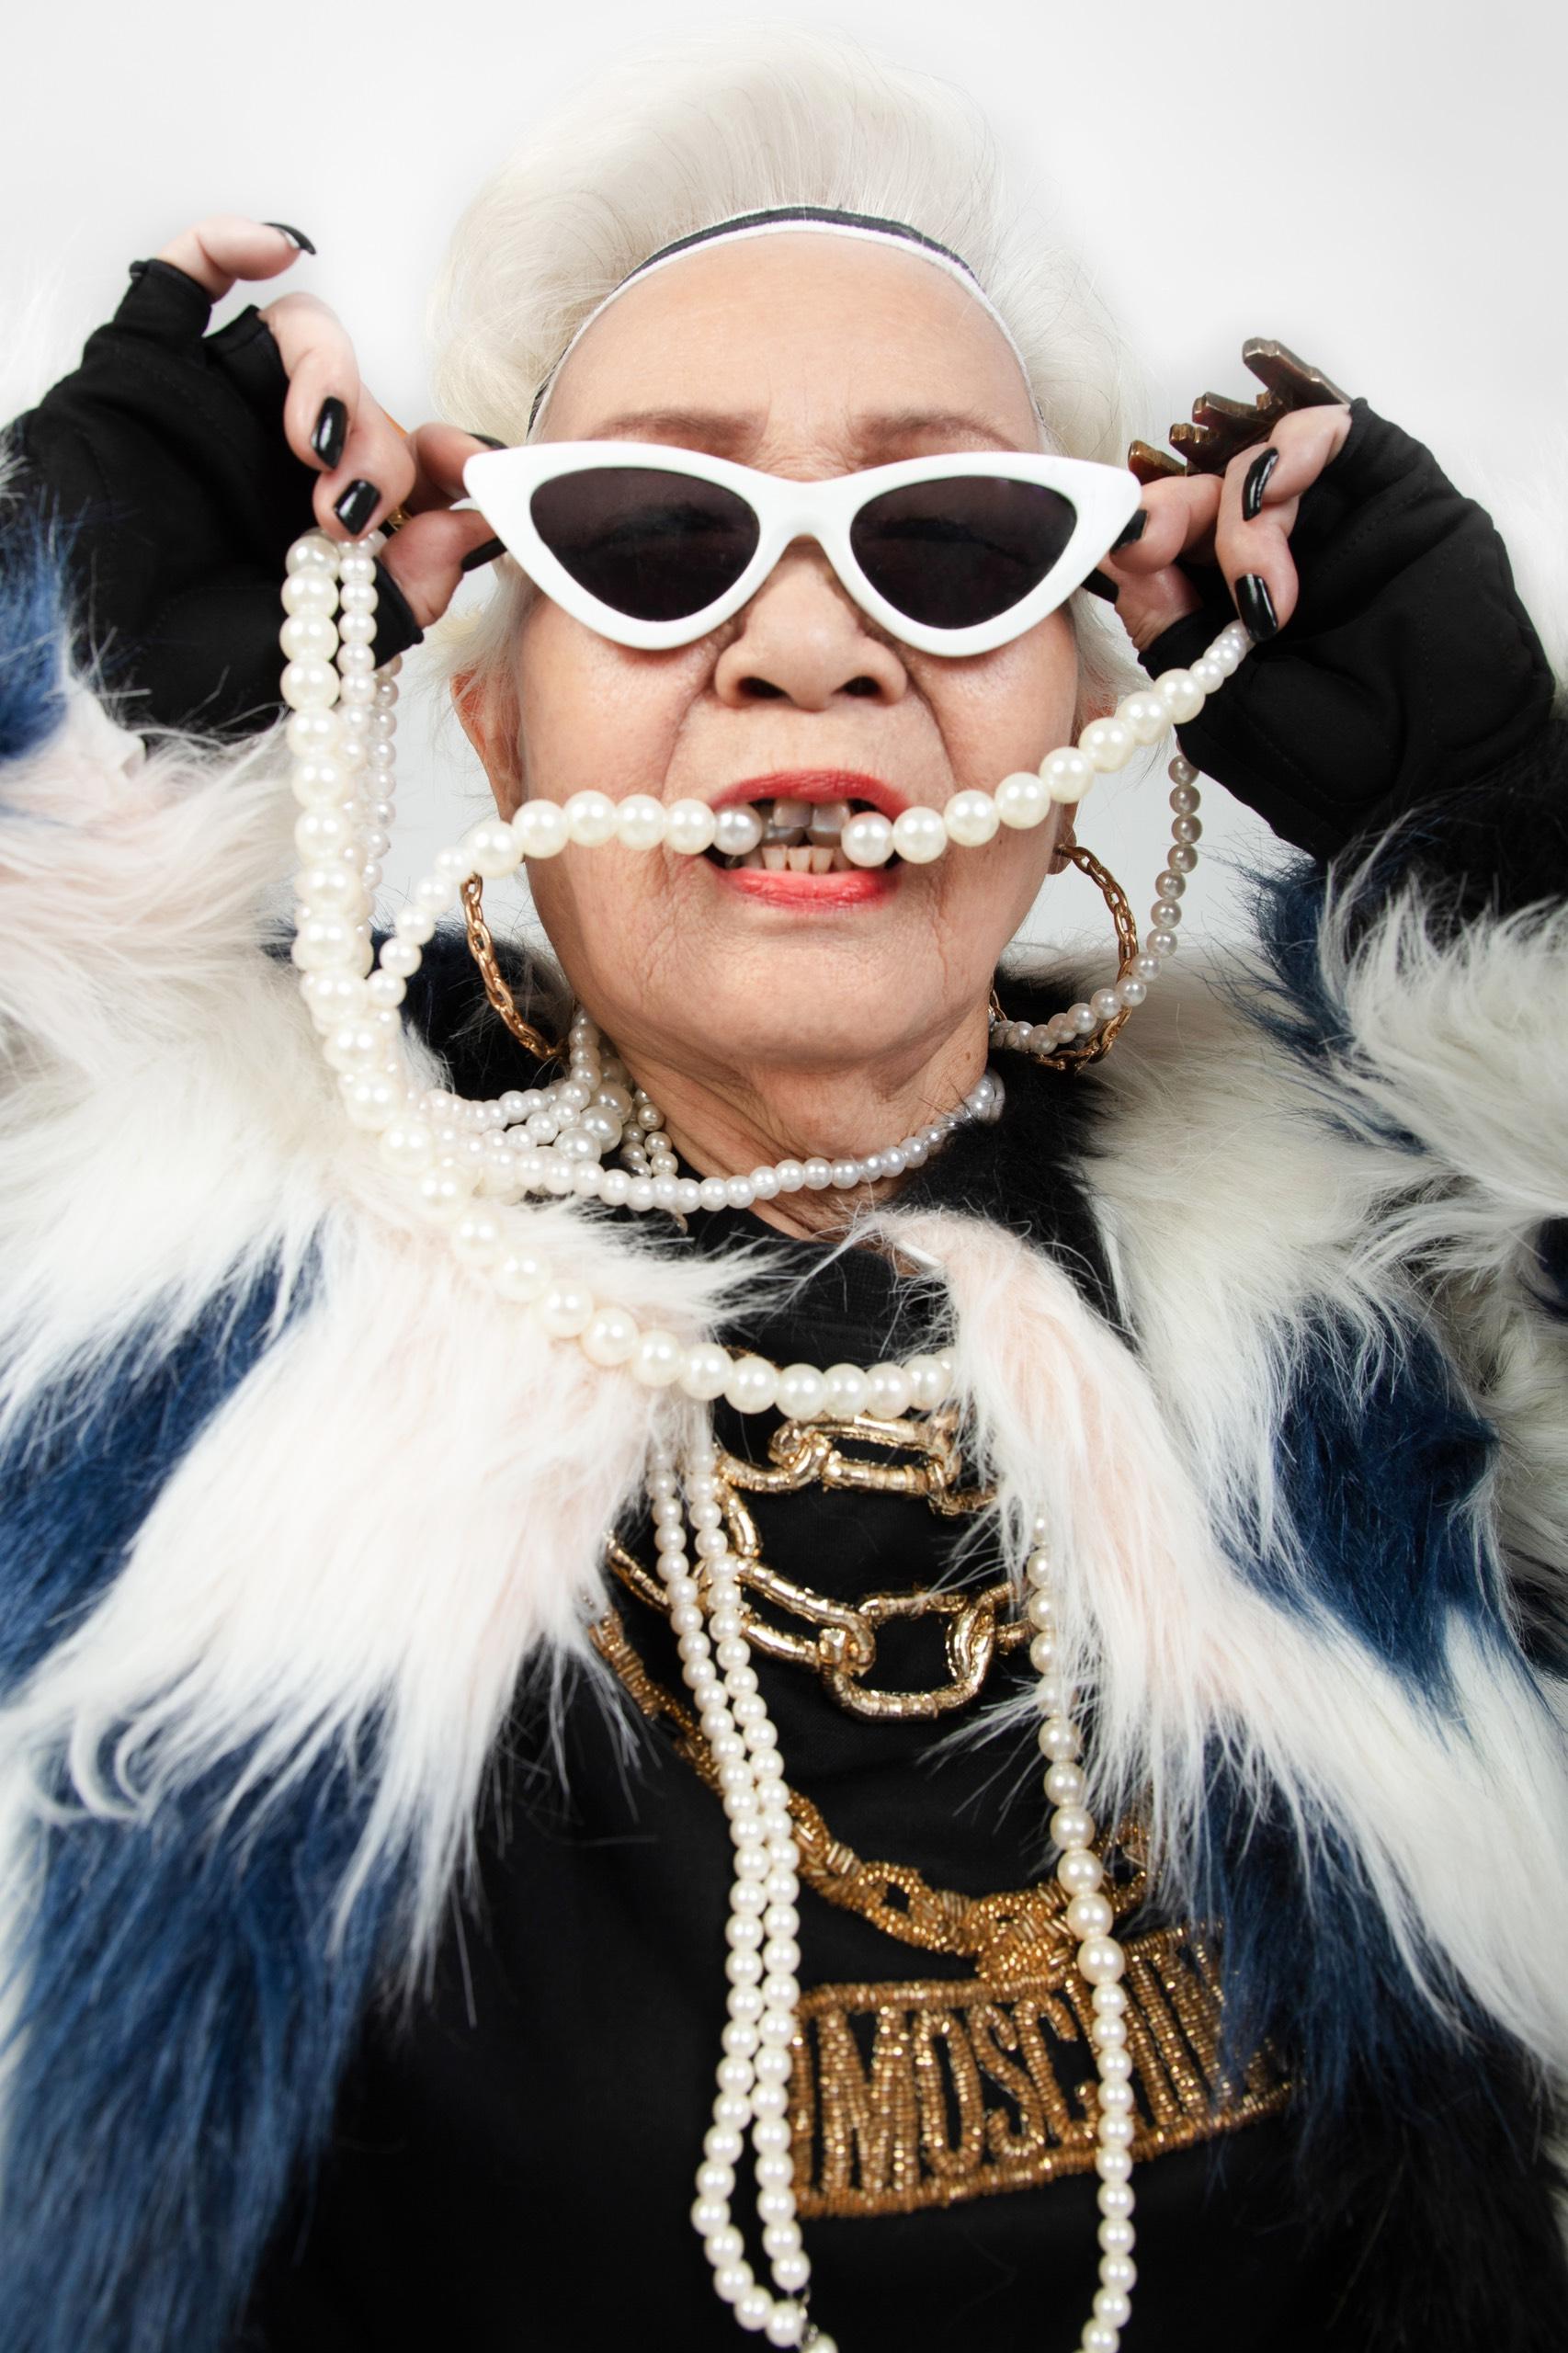 1. Wowy và bà Ngoại5 Rapper Wowy lu mờ khi chụp ảnh cùng bà ngoại U80 siêu ngầu